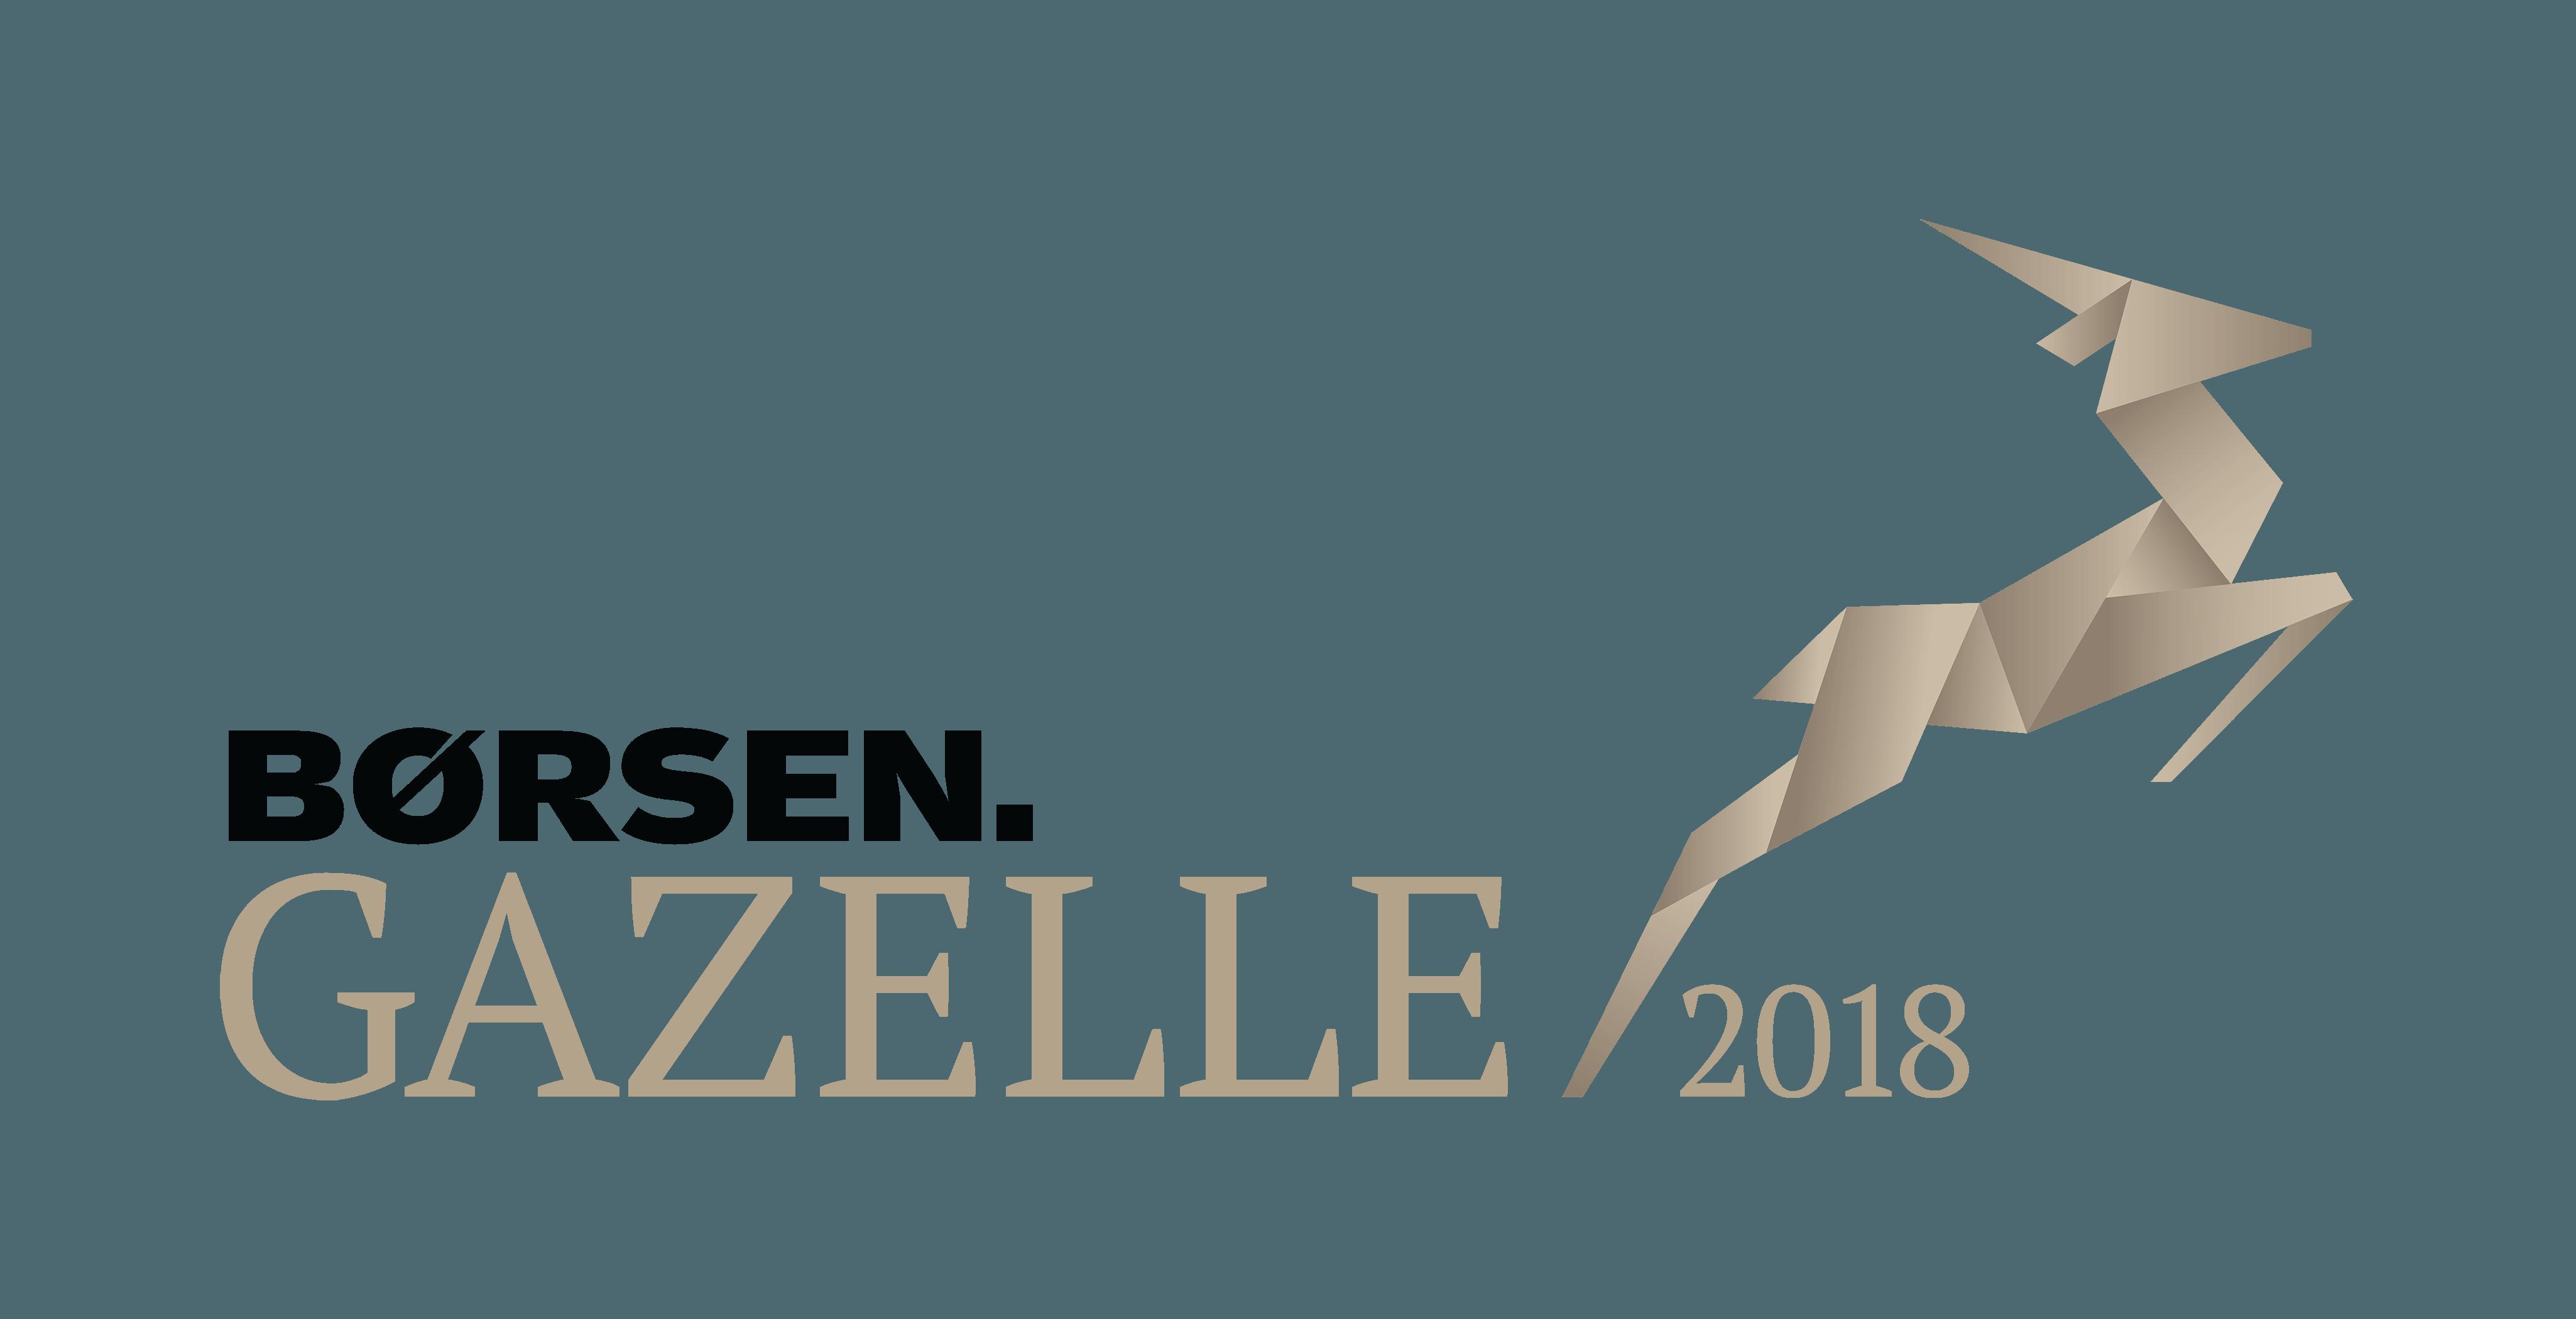 Boersen-Gazelle-2018 LE Glas